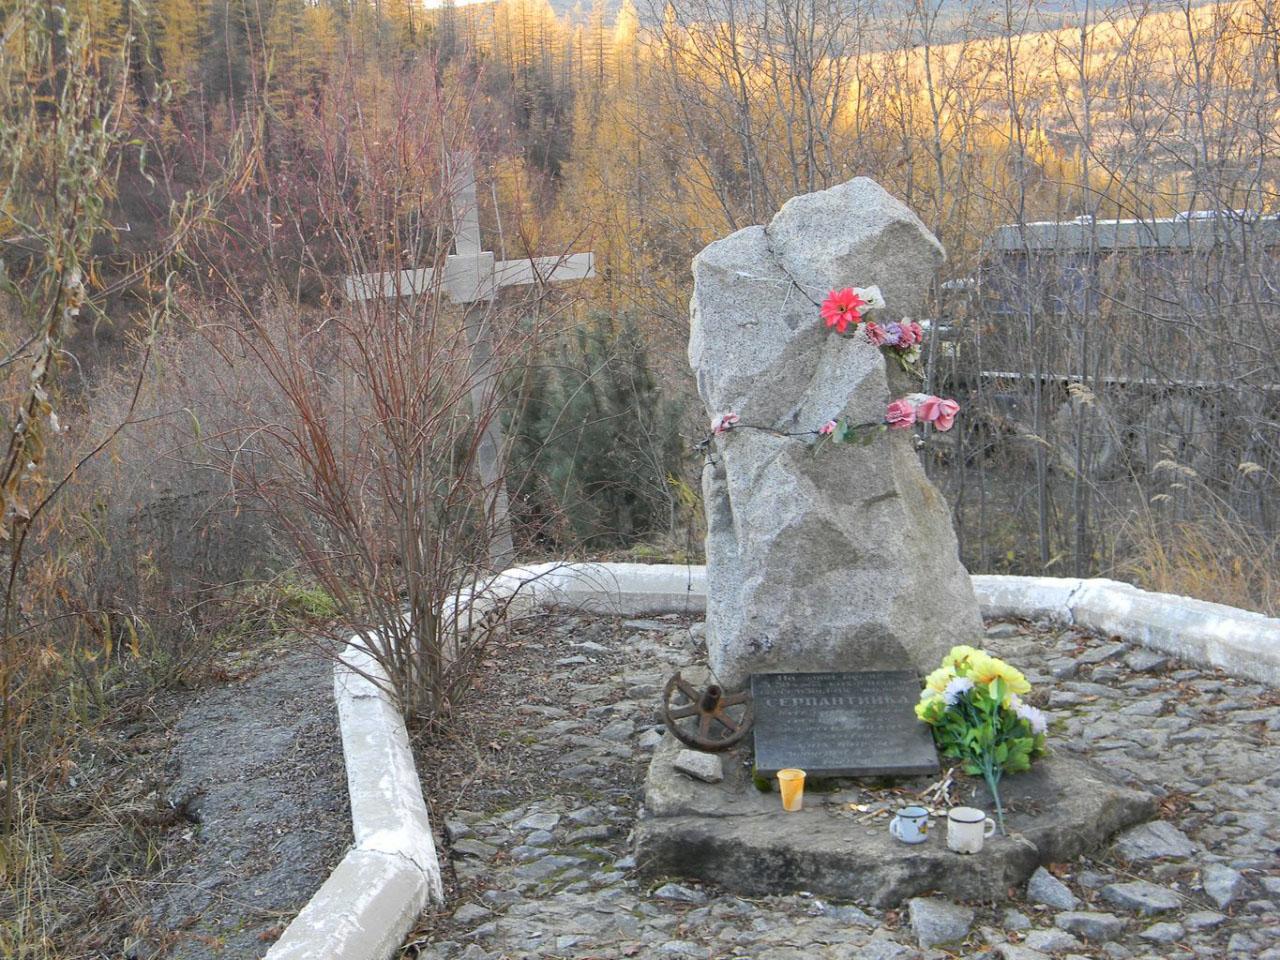 Памятник на Серпантинке. Это был один из самых зловещих лагерей Колымы.. Здесь приводились в исполнение смертные приговоры..